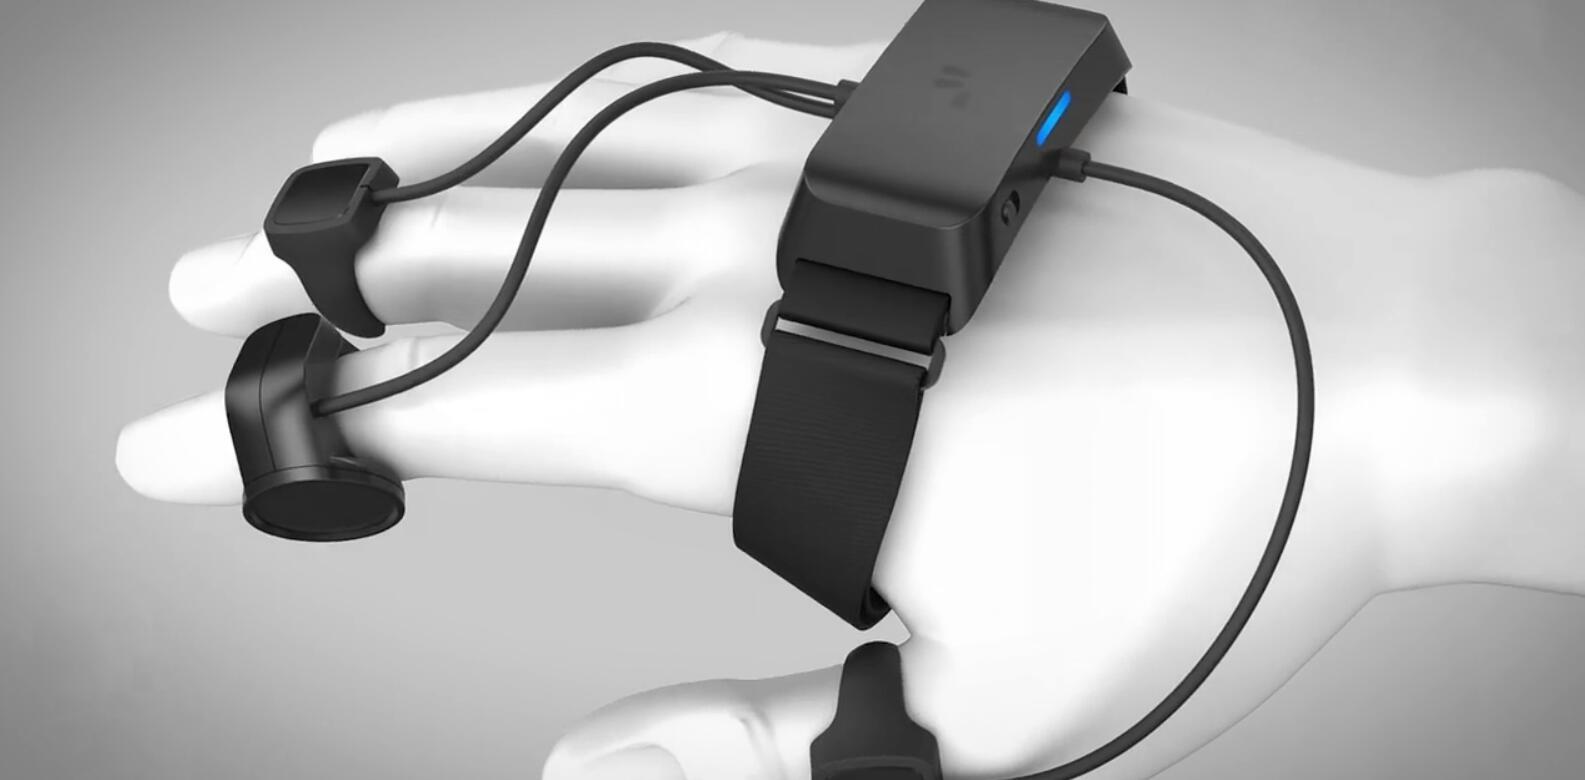 Finch手指传感器VR动作捕捉